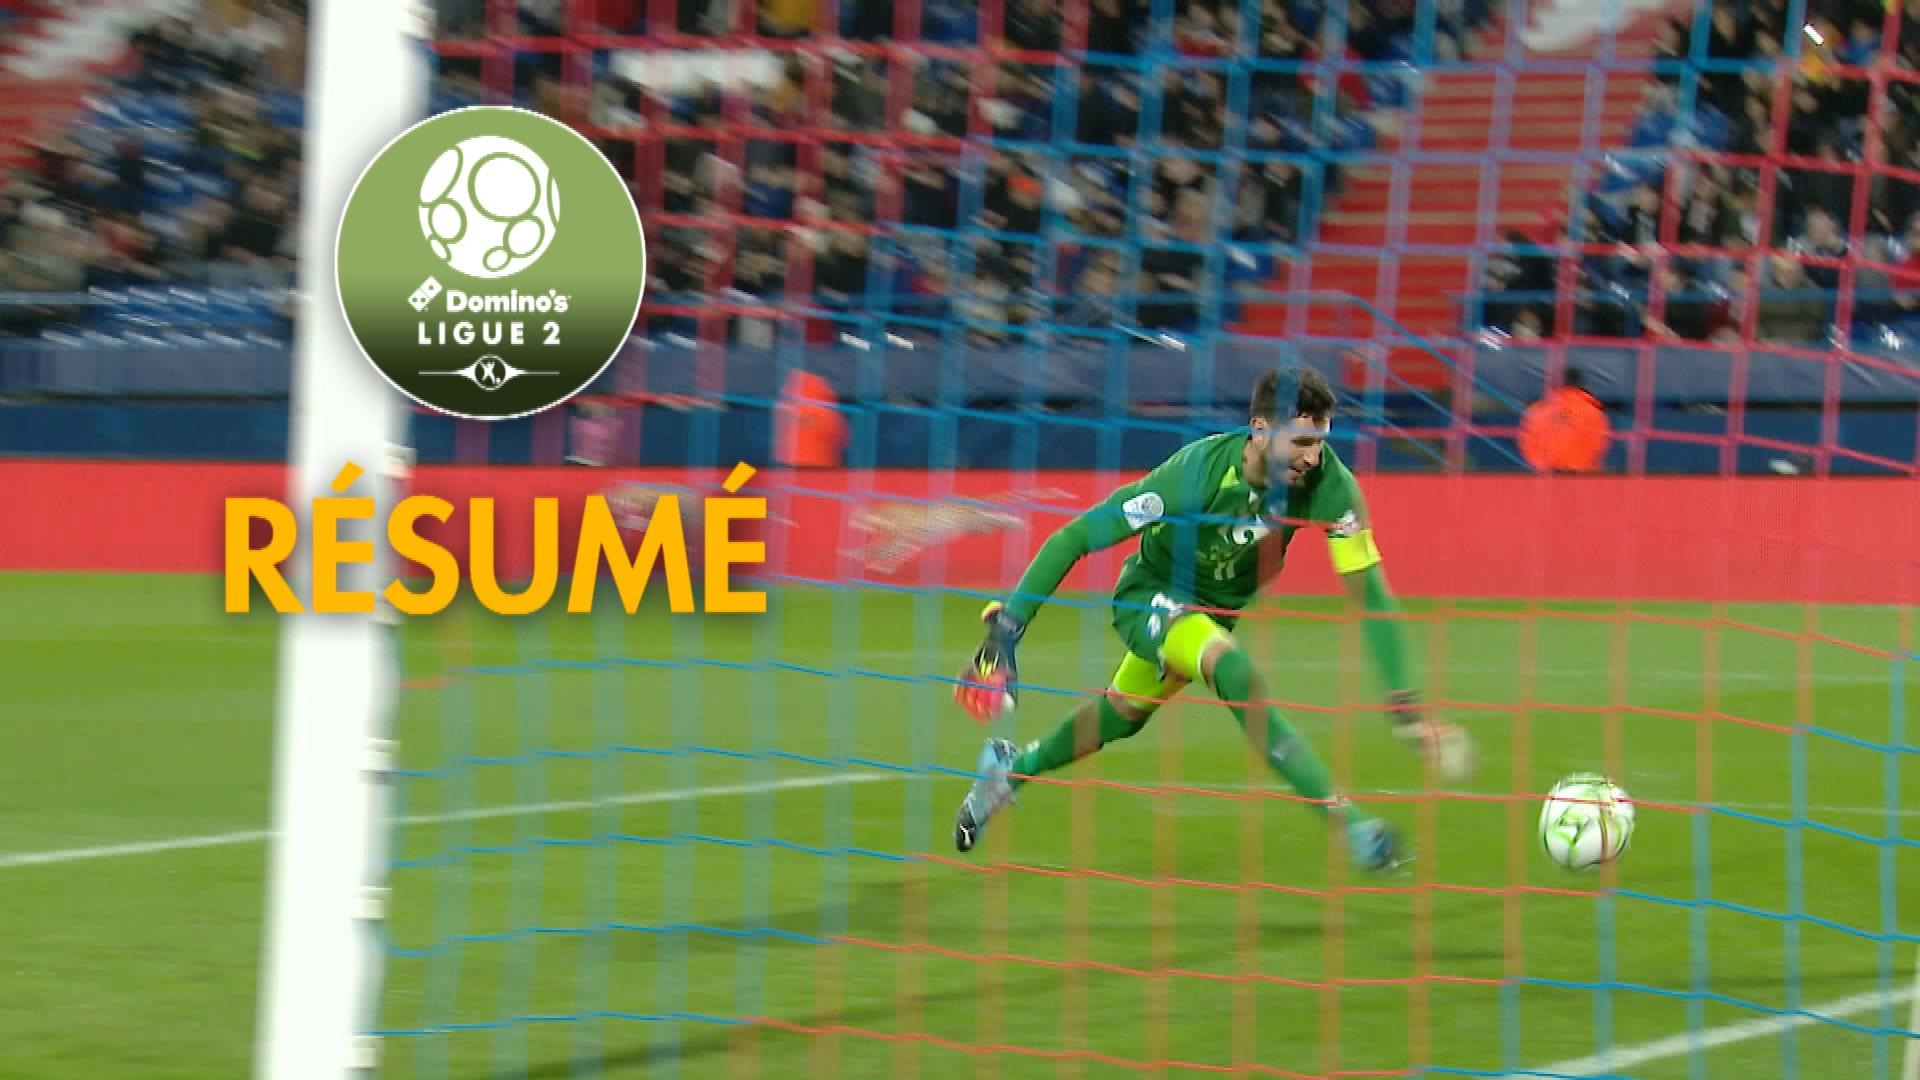 SM Caen - Grenoble Foot 38 (2-0)  - Résumé - (SMC-GF38) / 2019-20